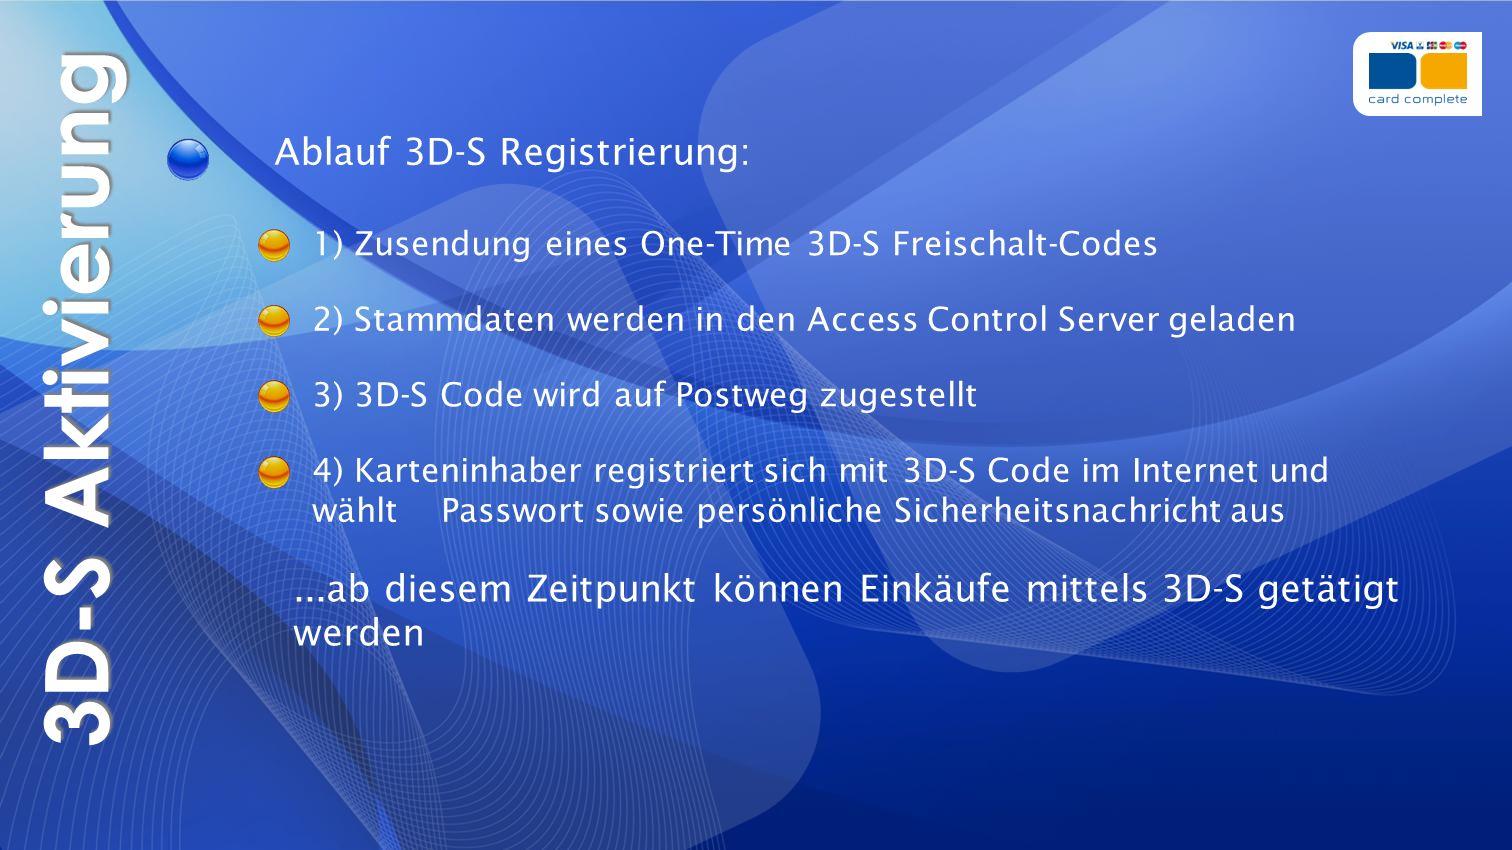 3D-S Aktivierung 1) Zusendung eines One-Time 3D-S Freischalt-Codes Ablauf 3D-S Registrierung: 3) 3D-S Code wird auf Postweg zugestellt 4) Karteninhabe